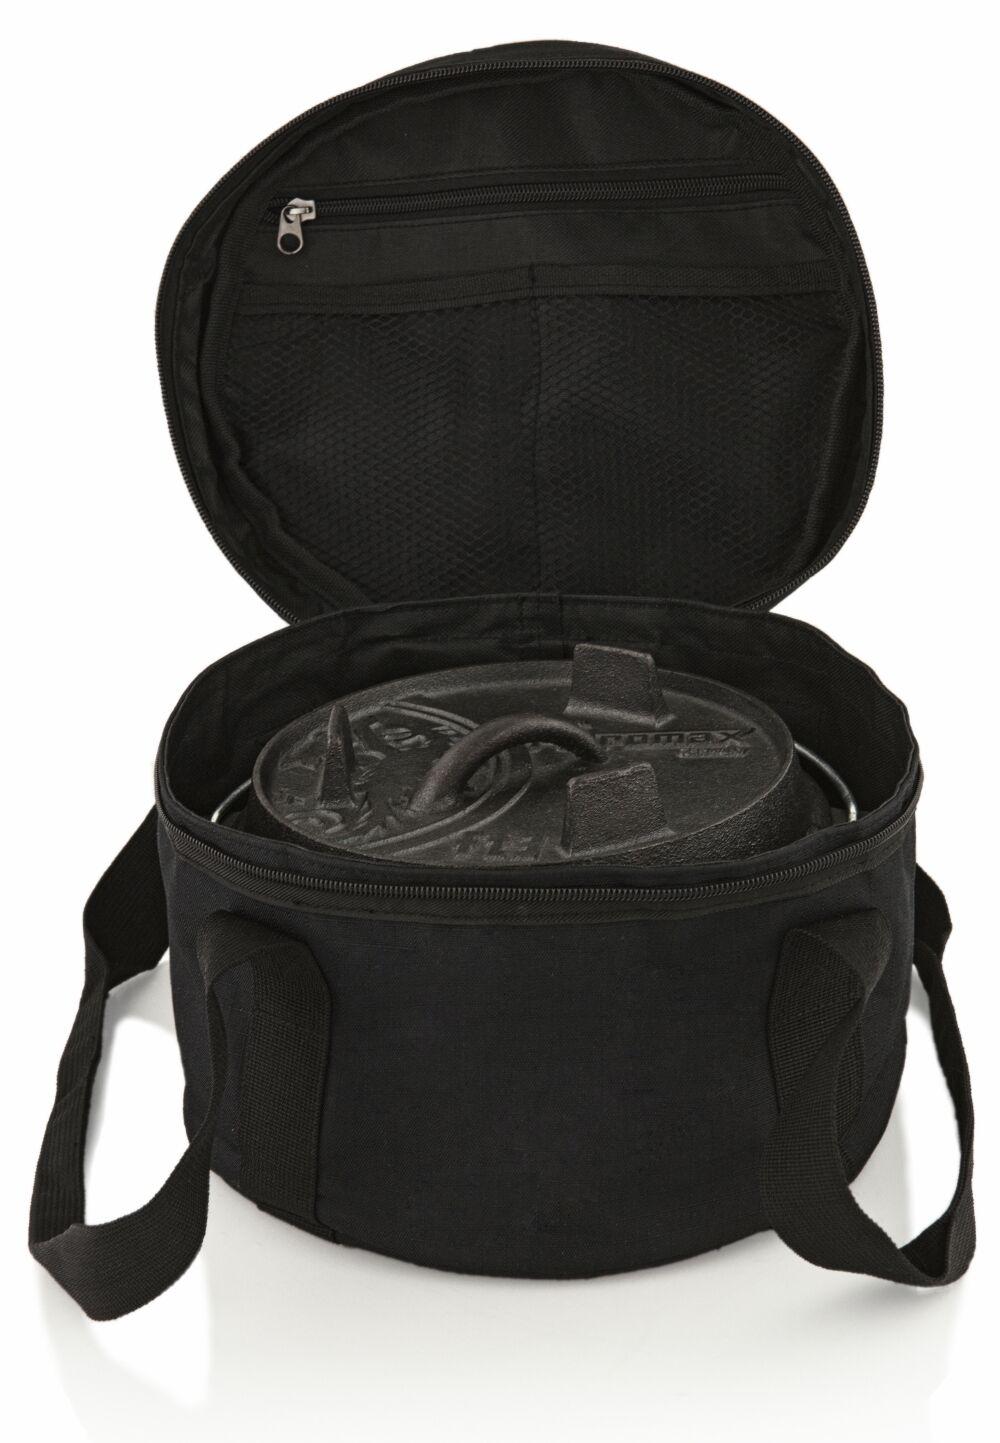 Petromax Feuertopf Kastenform Dutch oven alle Tasche Größen mit/ohne Füße Tasche alle Grill b1f285